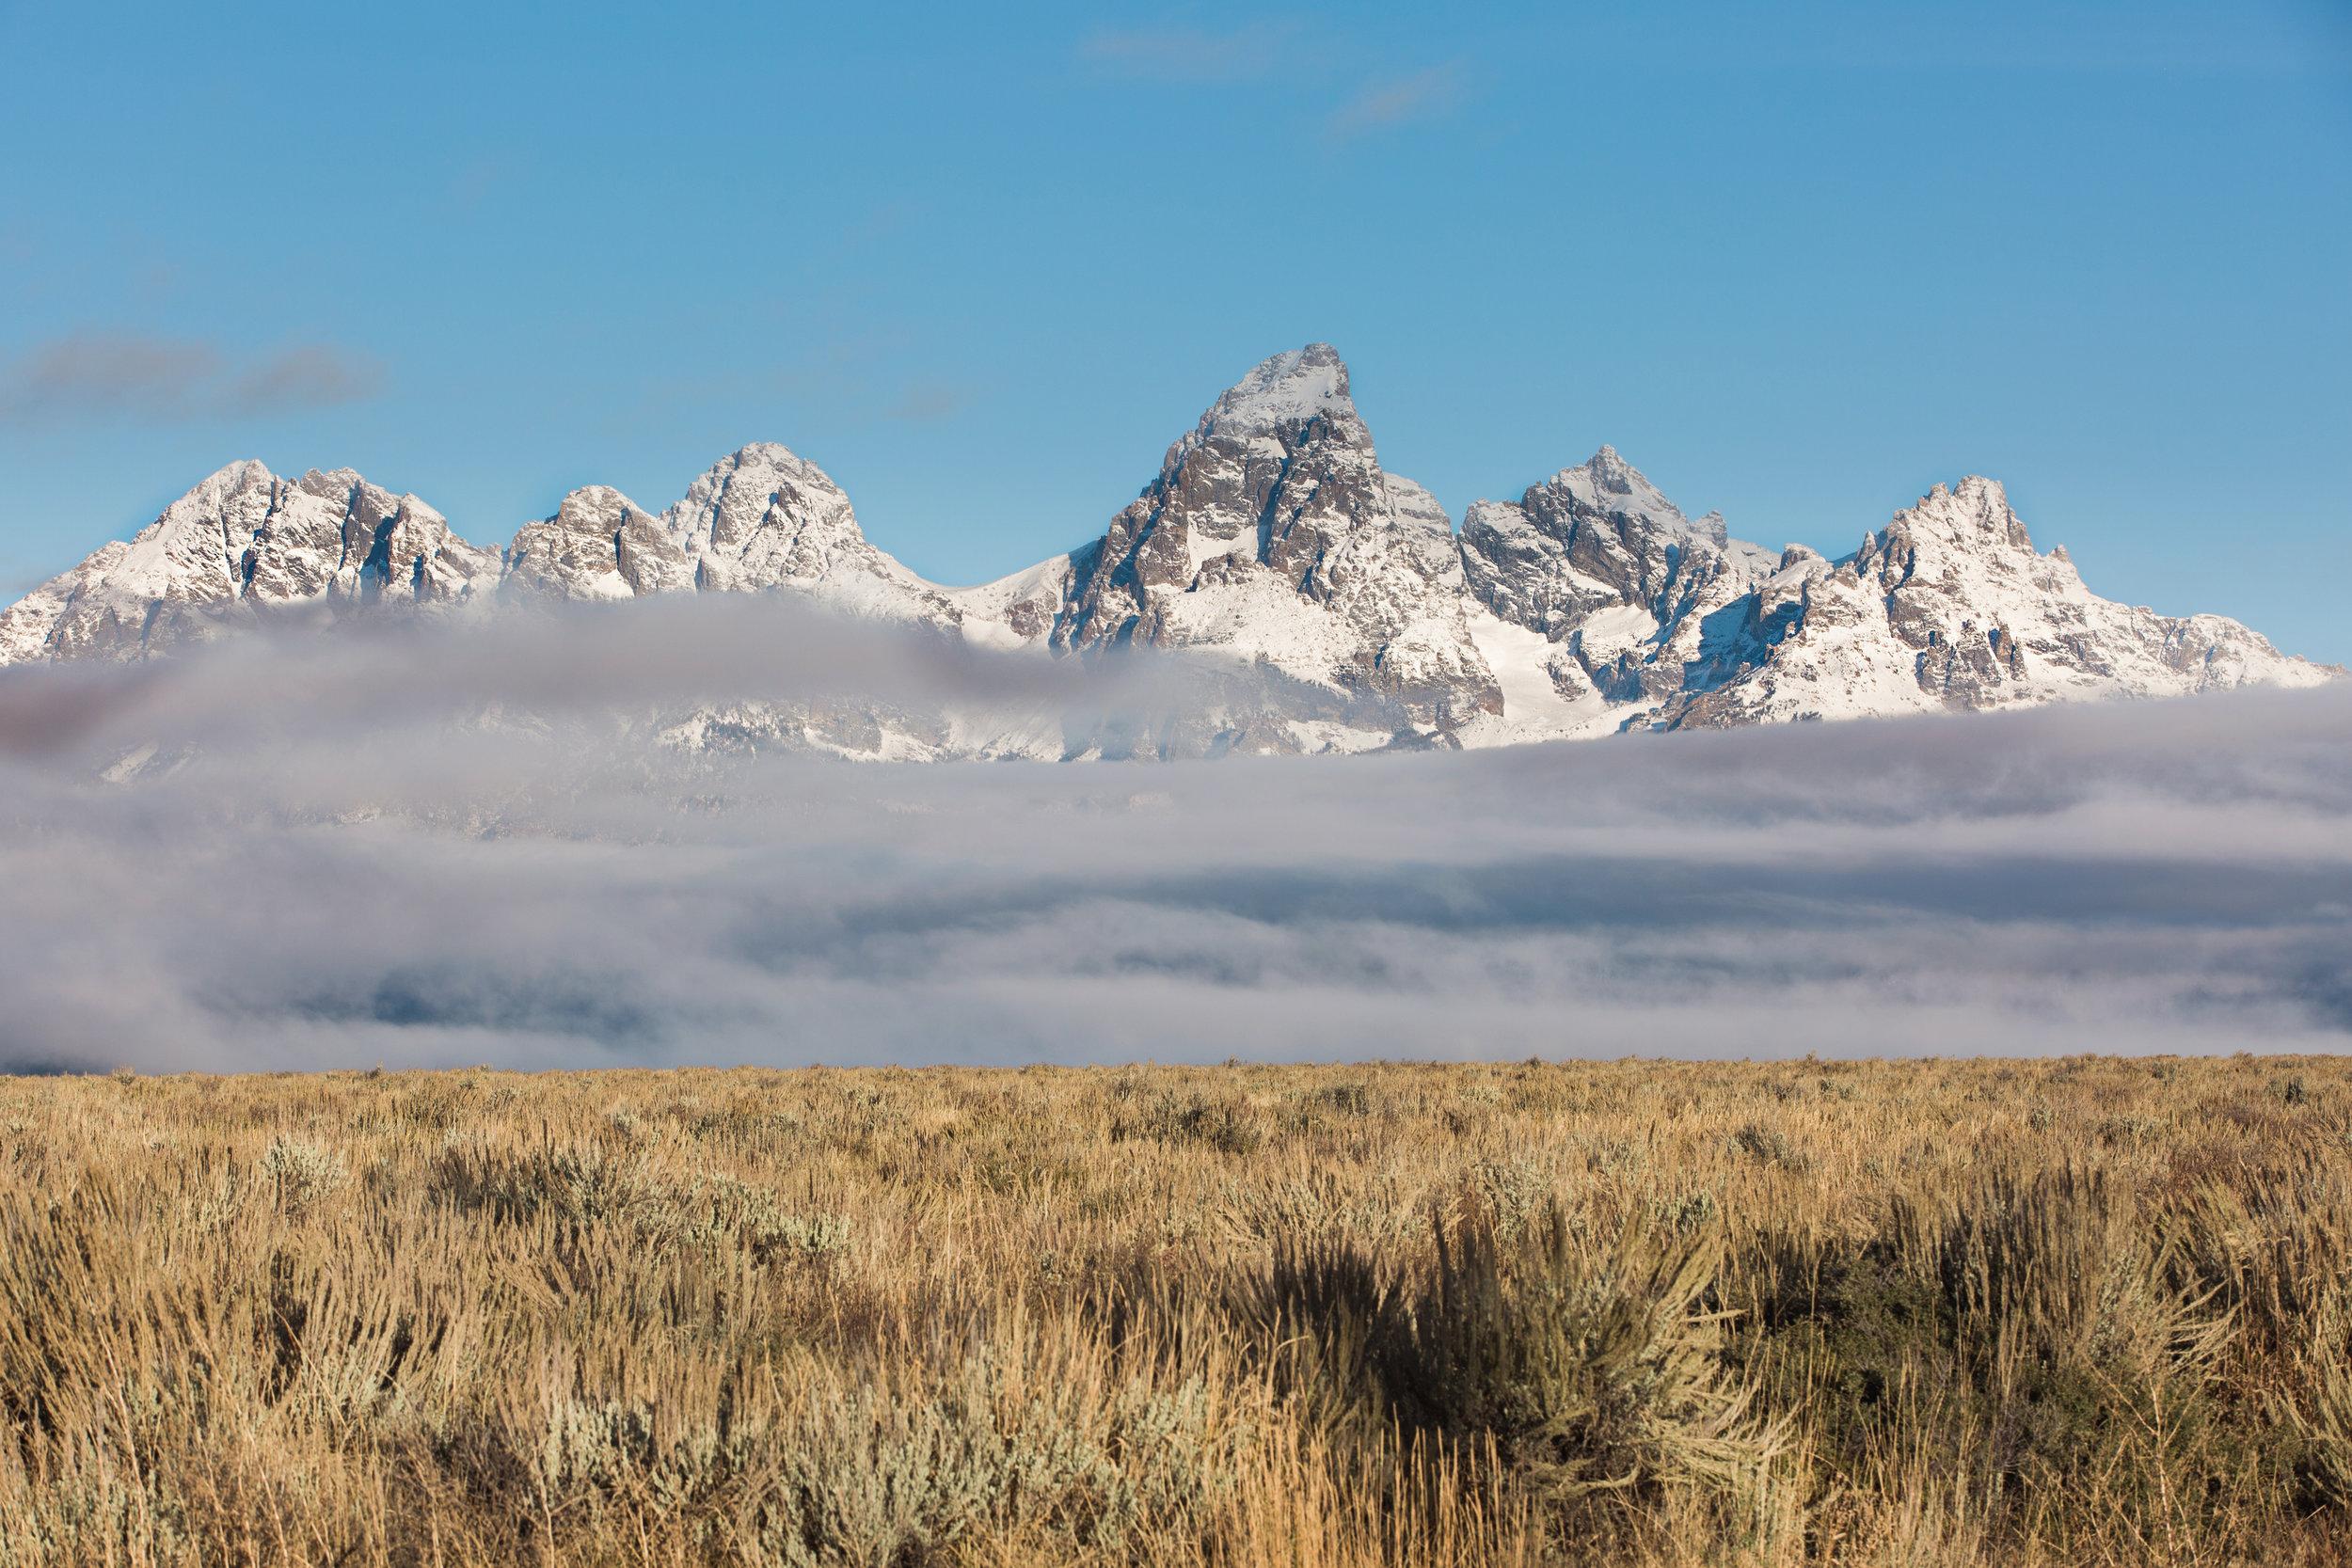 CindyGiovagnoli_Grand_Teton_National_Park_mountains_Bison_Autumn_Wyoming_Mormon_Row_aspens_fall_outdoor_photographer-034.jpg